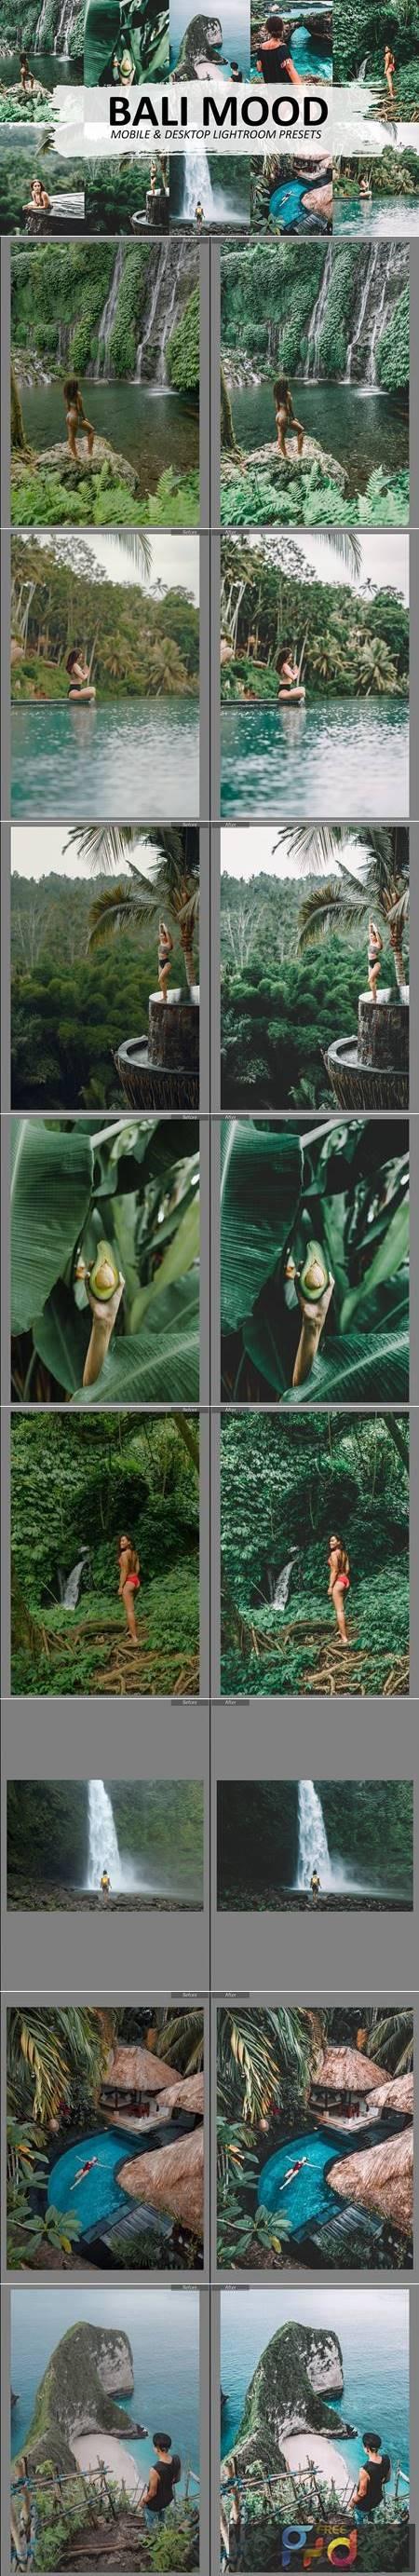 Bali Mood Lightroom Preset 5570074 1